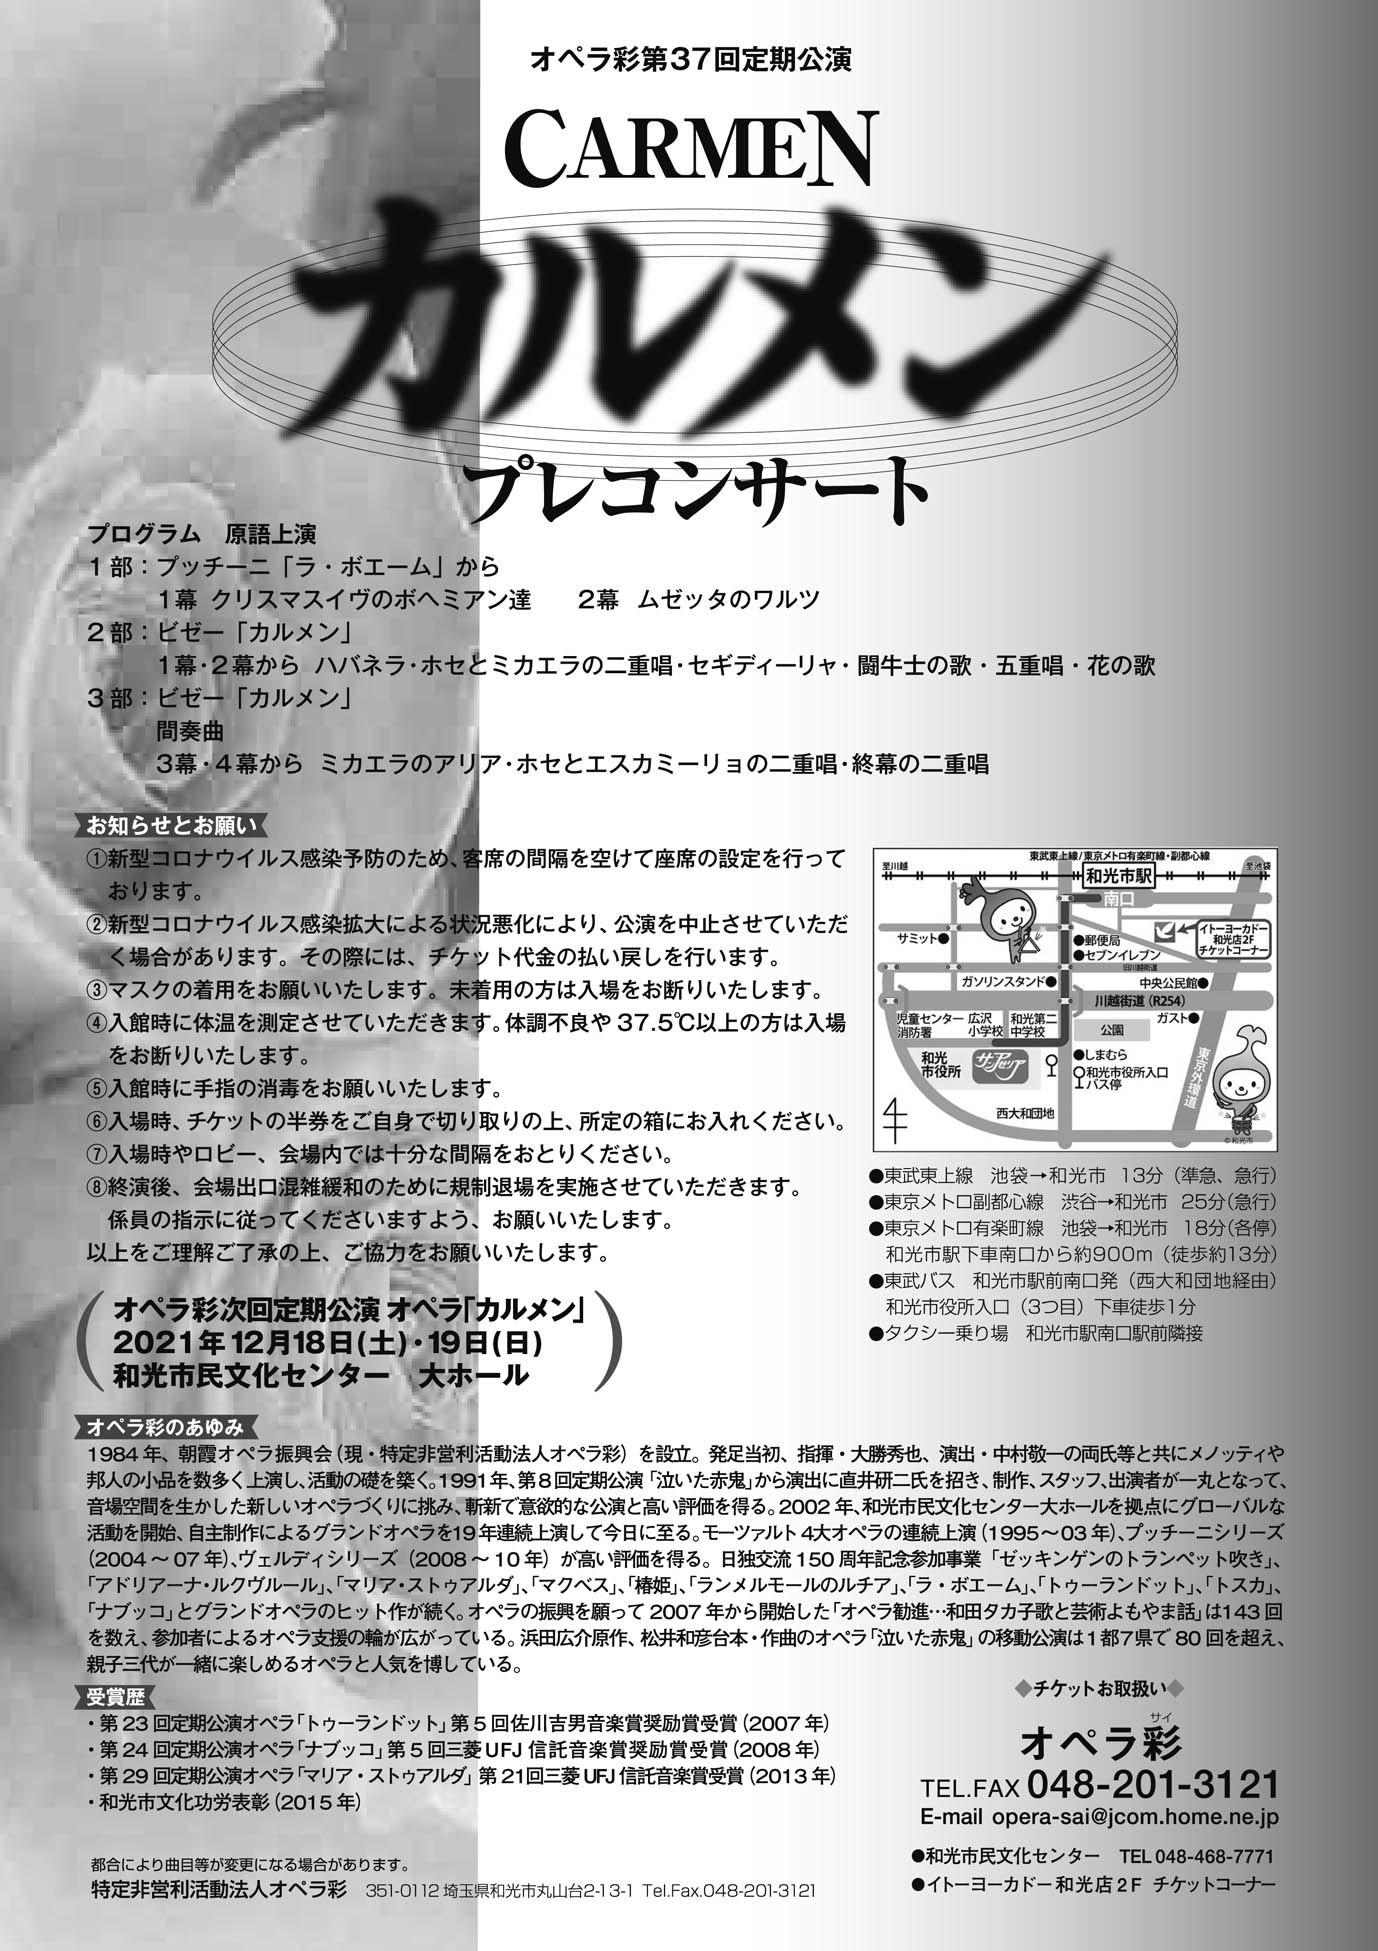 オペラ彩第37回定期公演 「カルメン」プレコンサート_b0243924_22592765.jpg